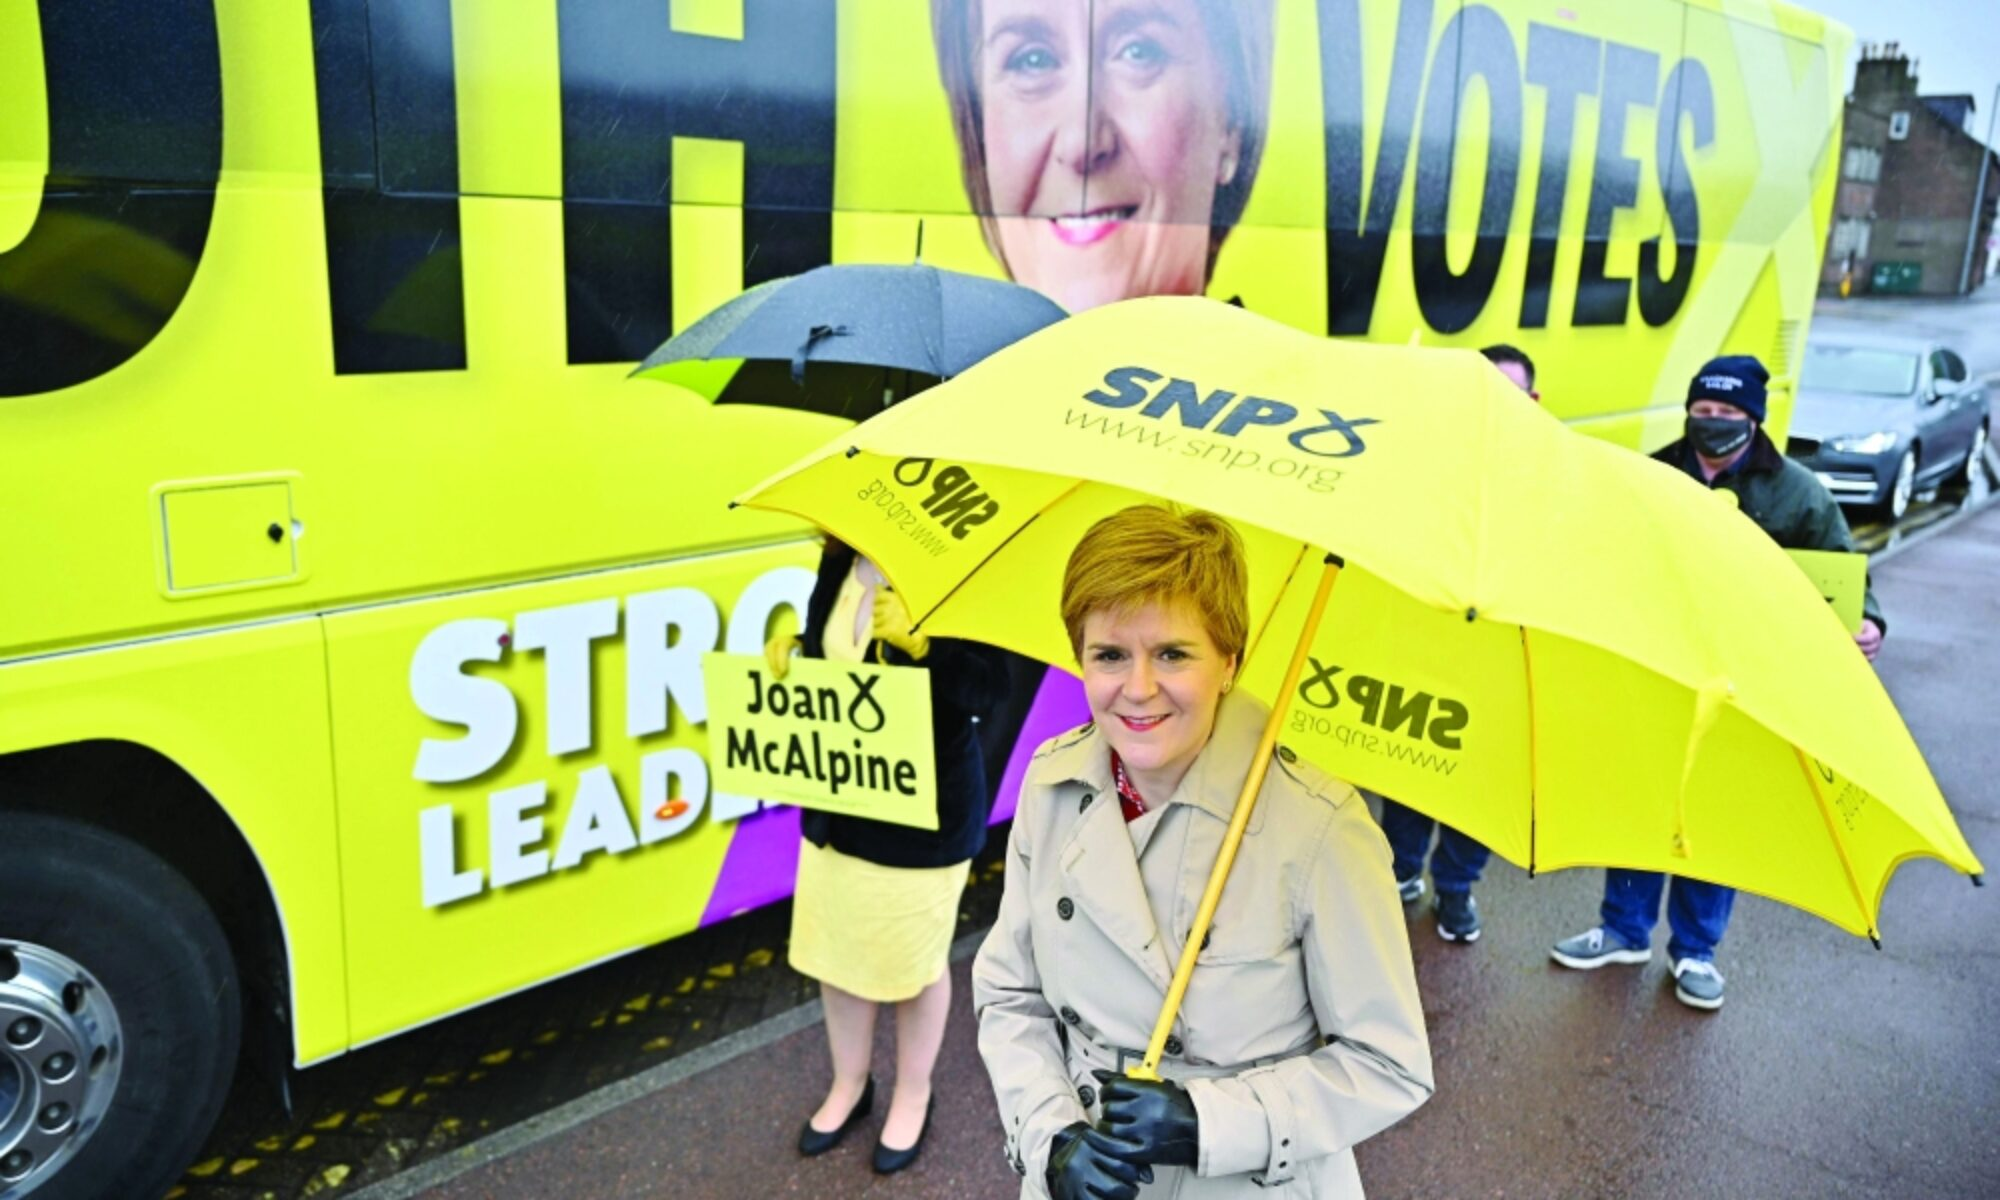 İskoçya'da bağımsızlık referandumunu yenilemek isteyen SNP parlamento seçimlerinde zafer elde etti